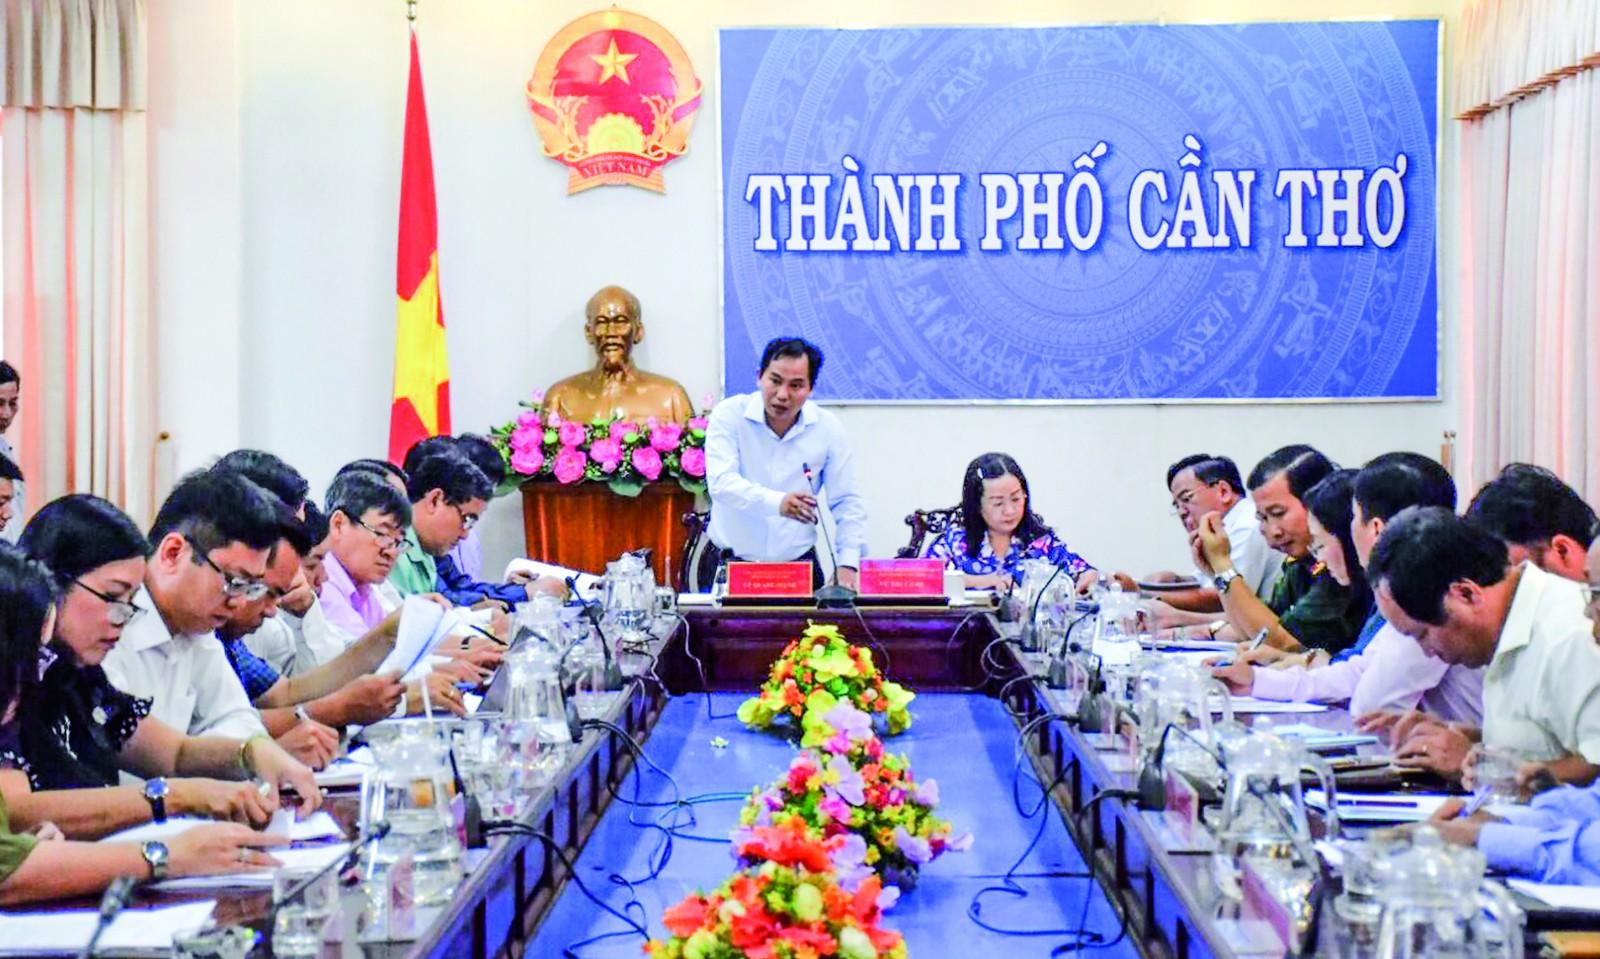 Phó Bí thư Thành ủy - Chủ tịch UBND TP Cần Thơ Lê Quang Mạnh phát biểu chỉ đạo tại phiên họp. Ảnh: T. TRINH